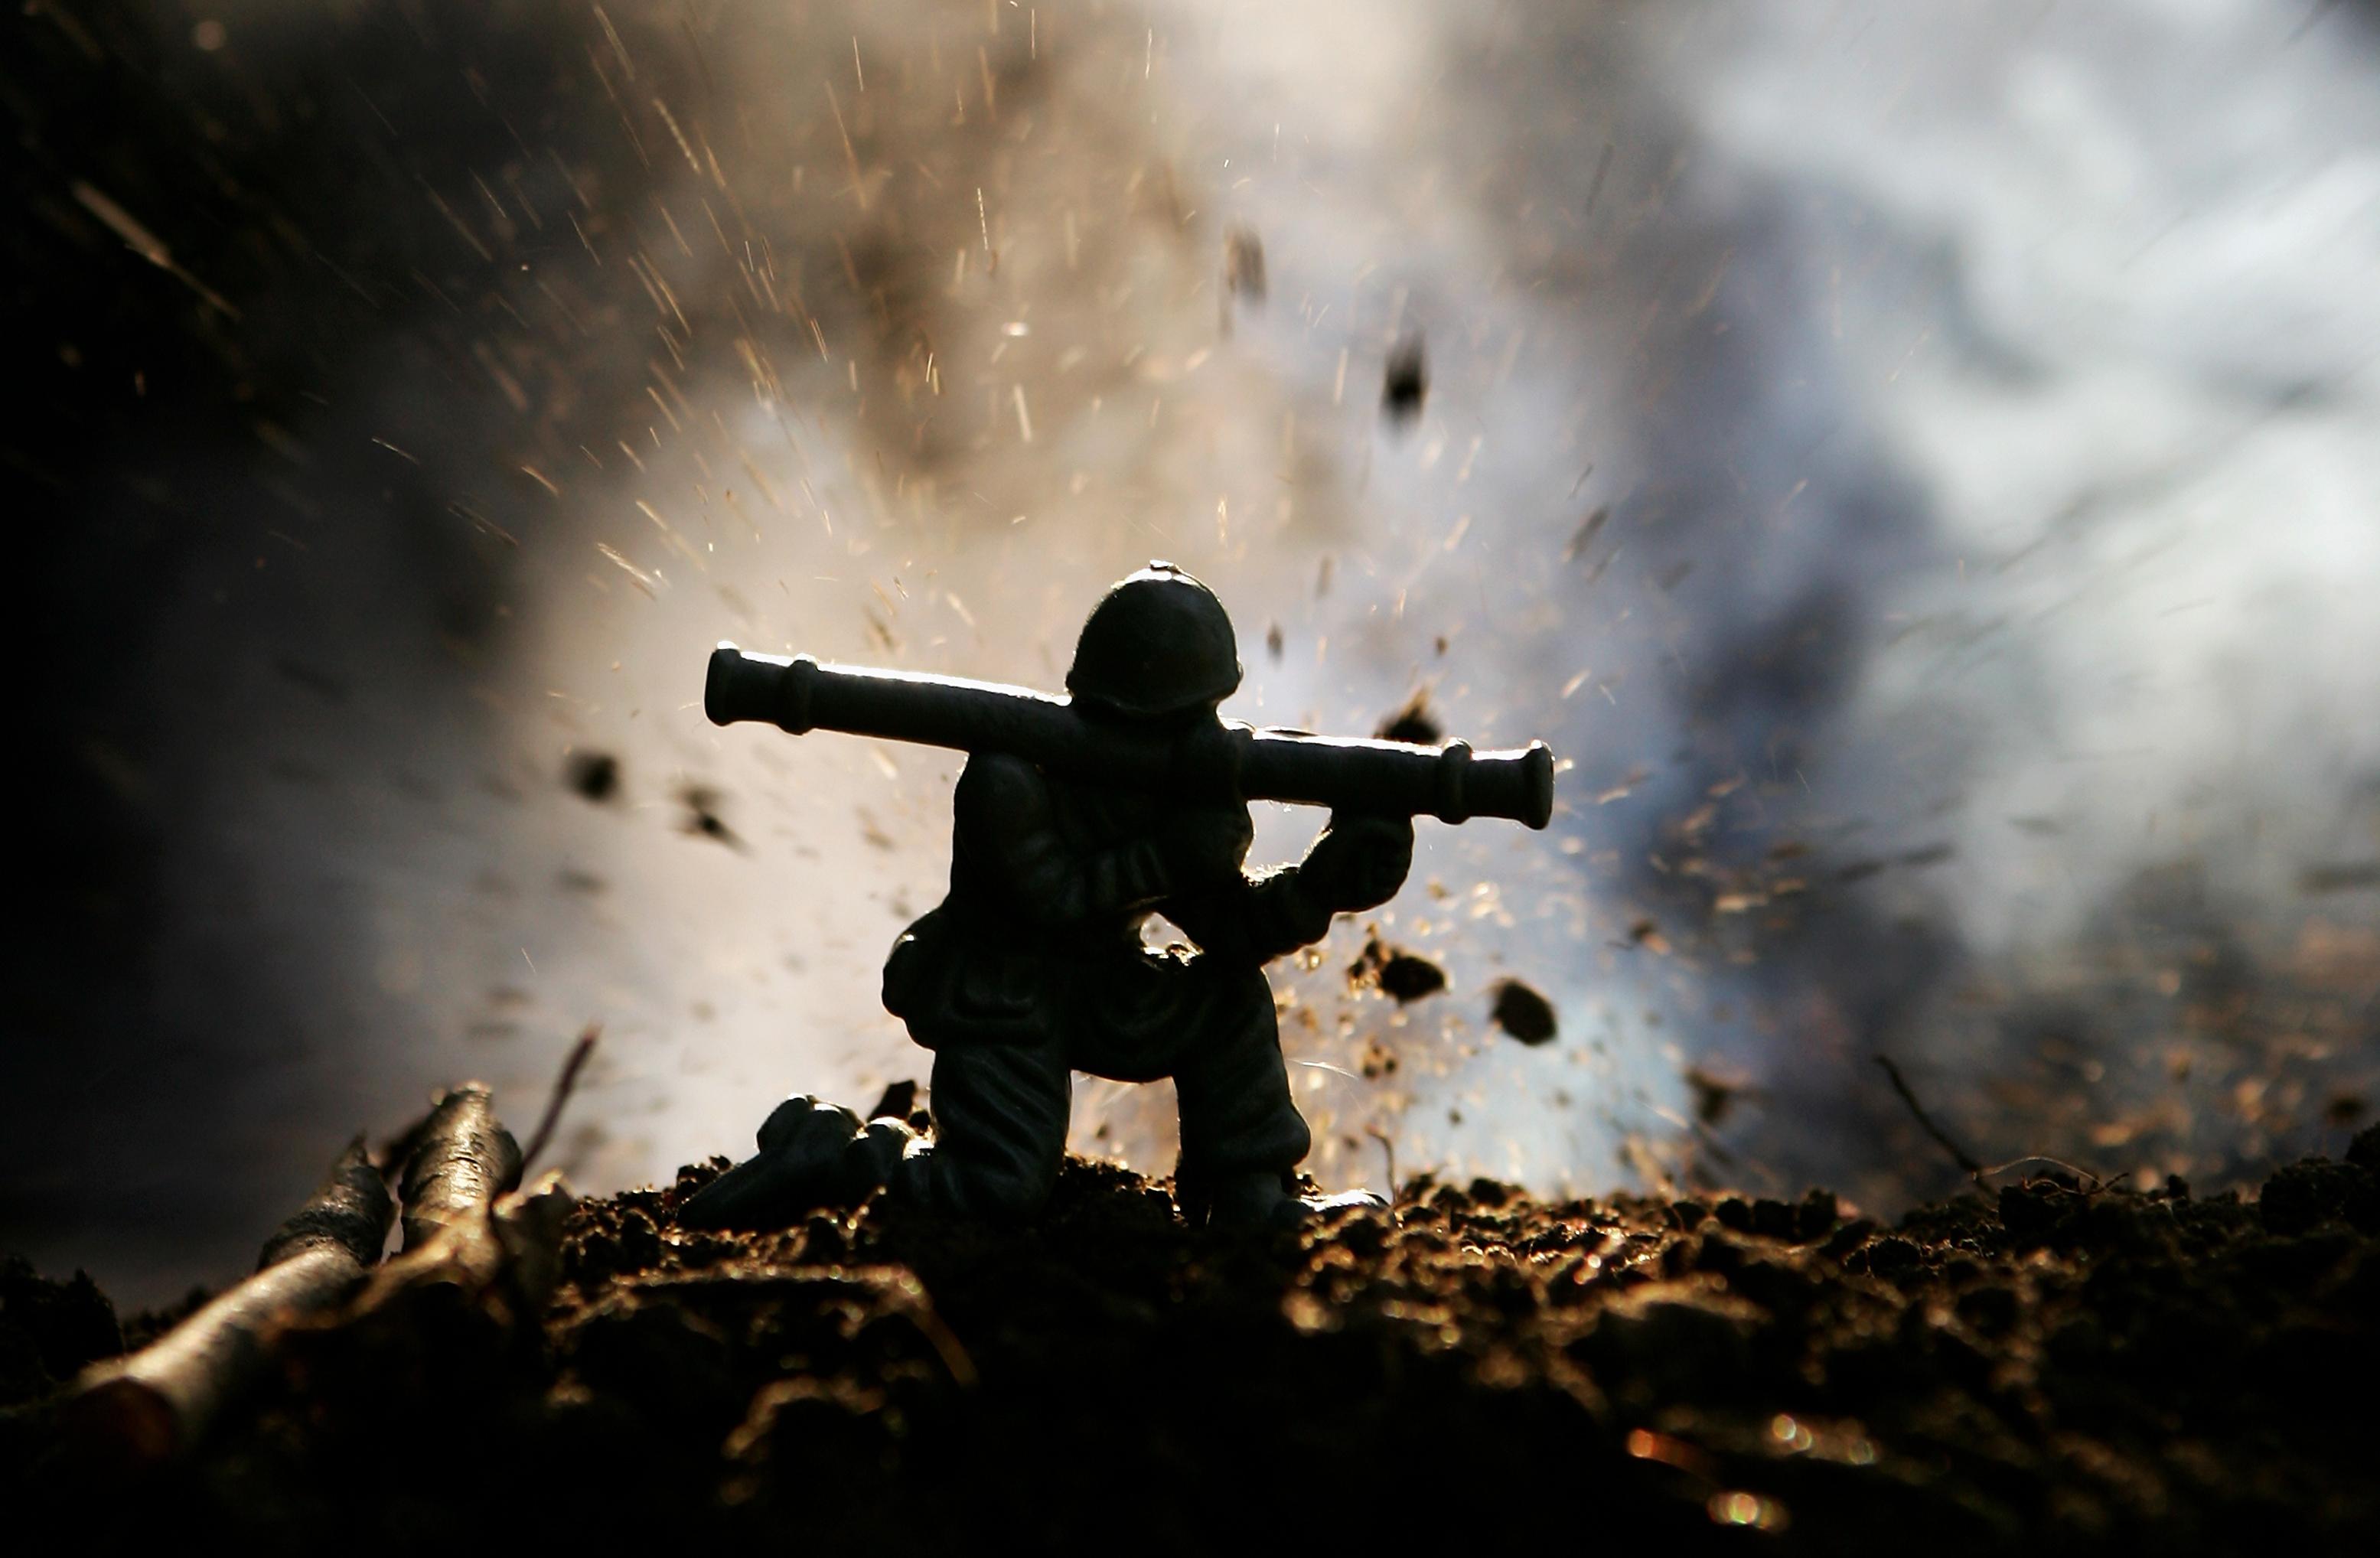 Стойкий солдатик: советы, которые помогут преодолеть трудности